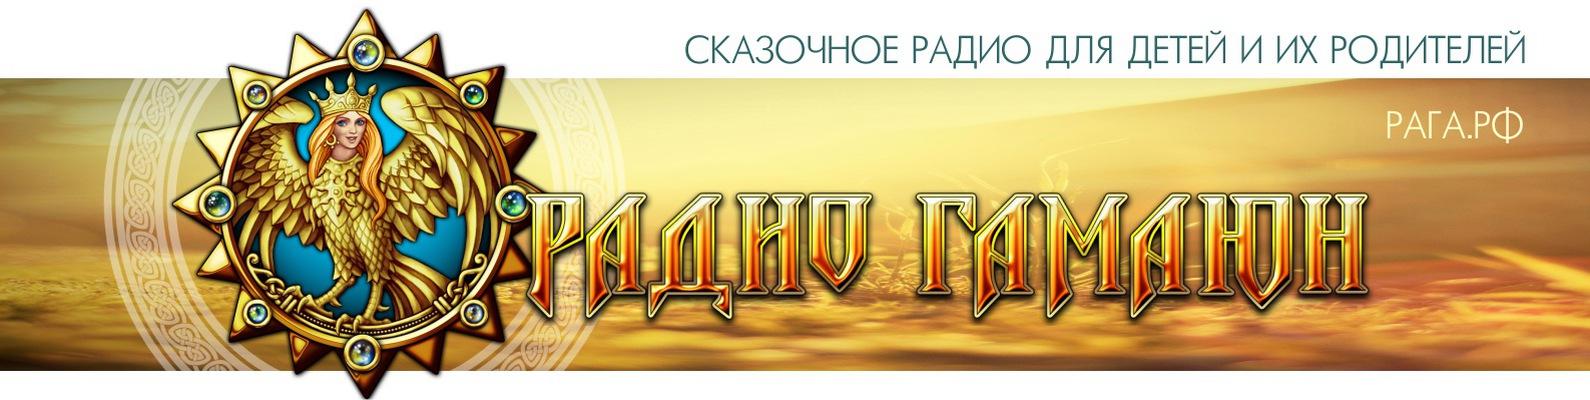 Скачать славянские мелодии в современной обработке